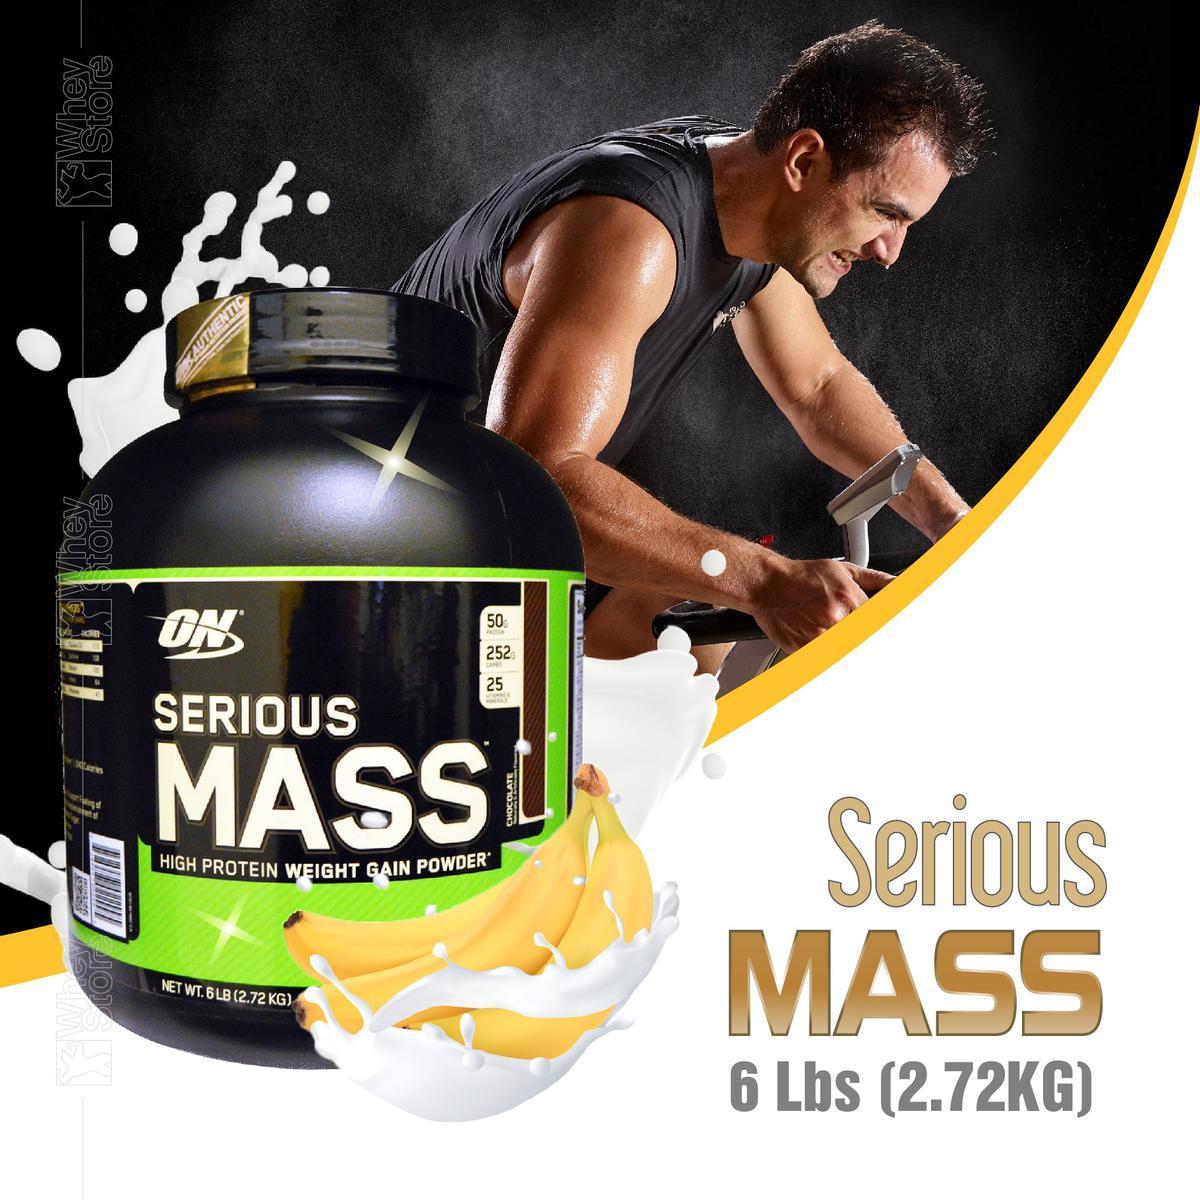 SERIOUS MASS 6 LBS (2.72KG) CHOCOLET